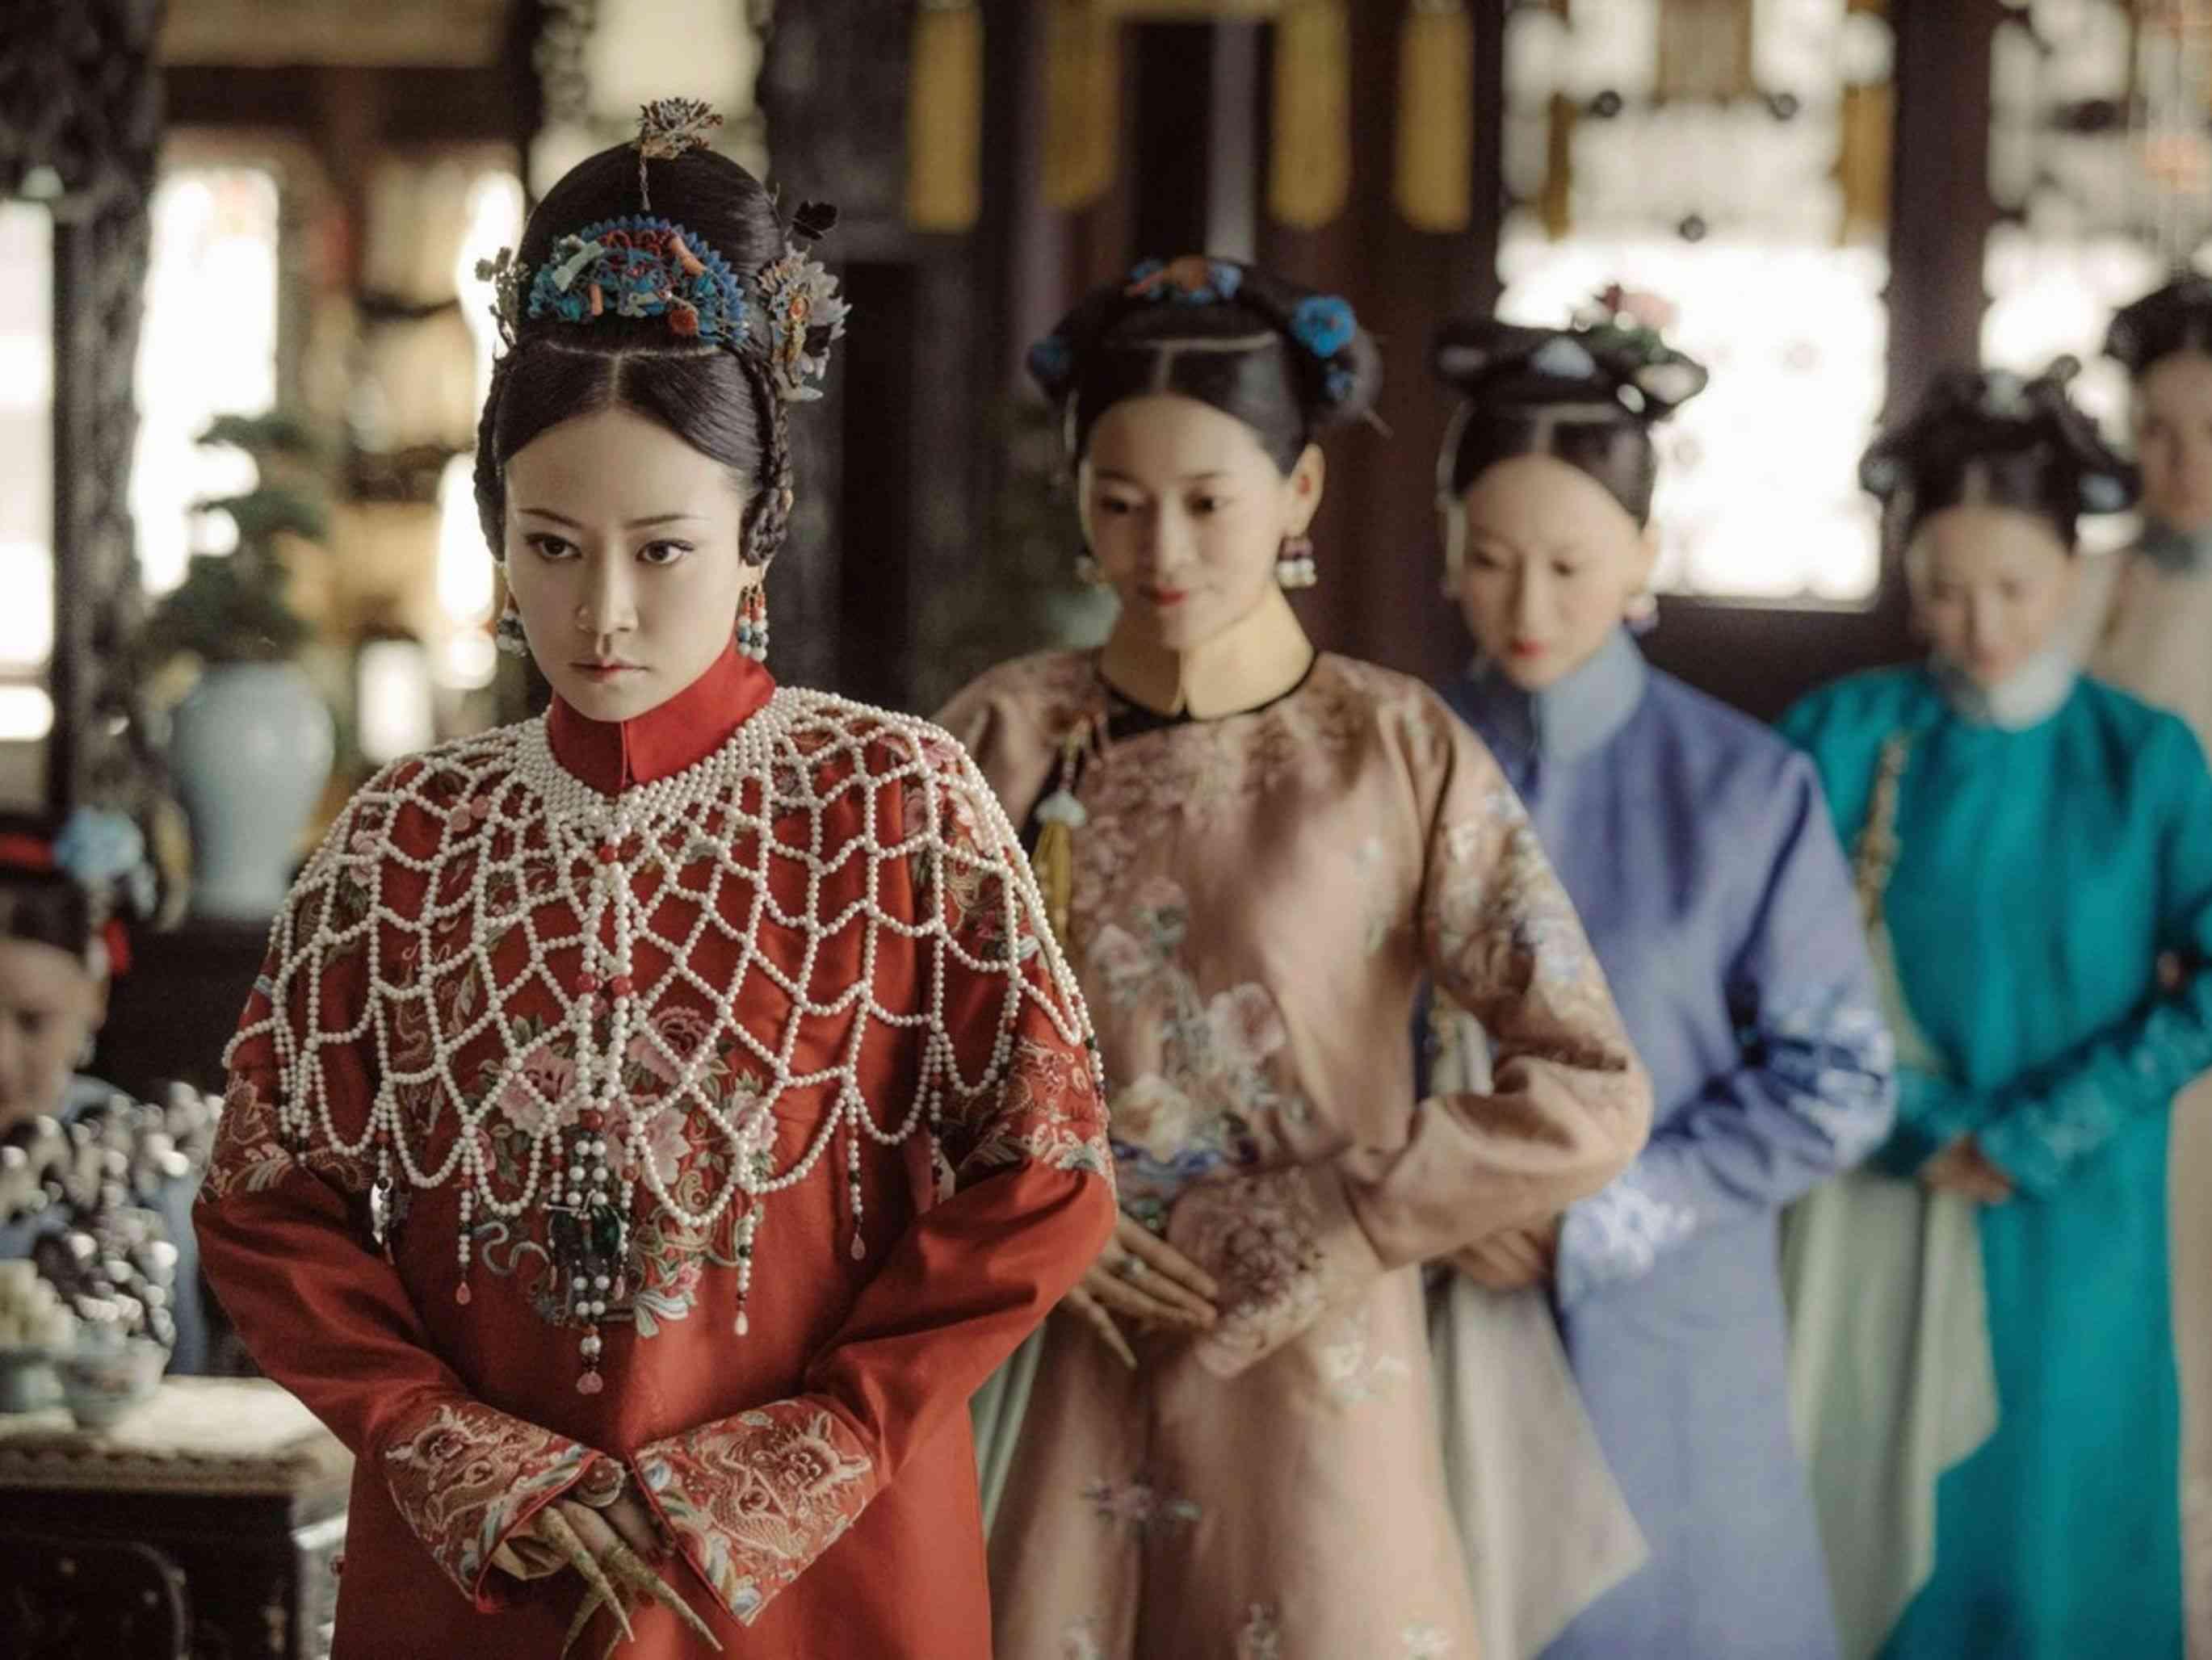 流出的演員名單就是飾演「高貴妃」的女演員譚卓,在《延禧攻略》詮釋囂張跋扈的角色,此消息一曝光被許多劇迷稱作「高貴妃的絕地大反攻!」